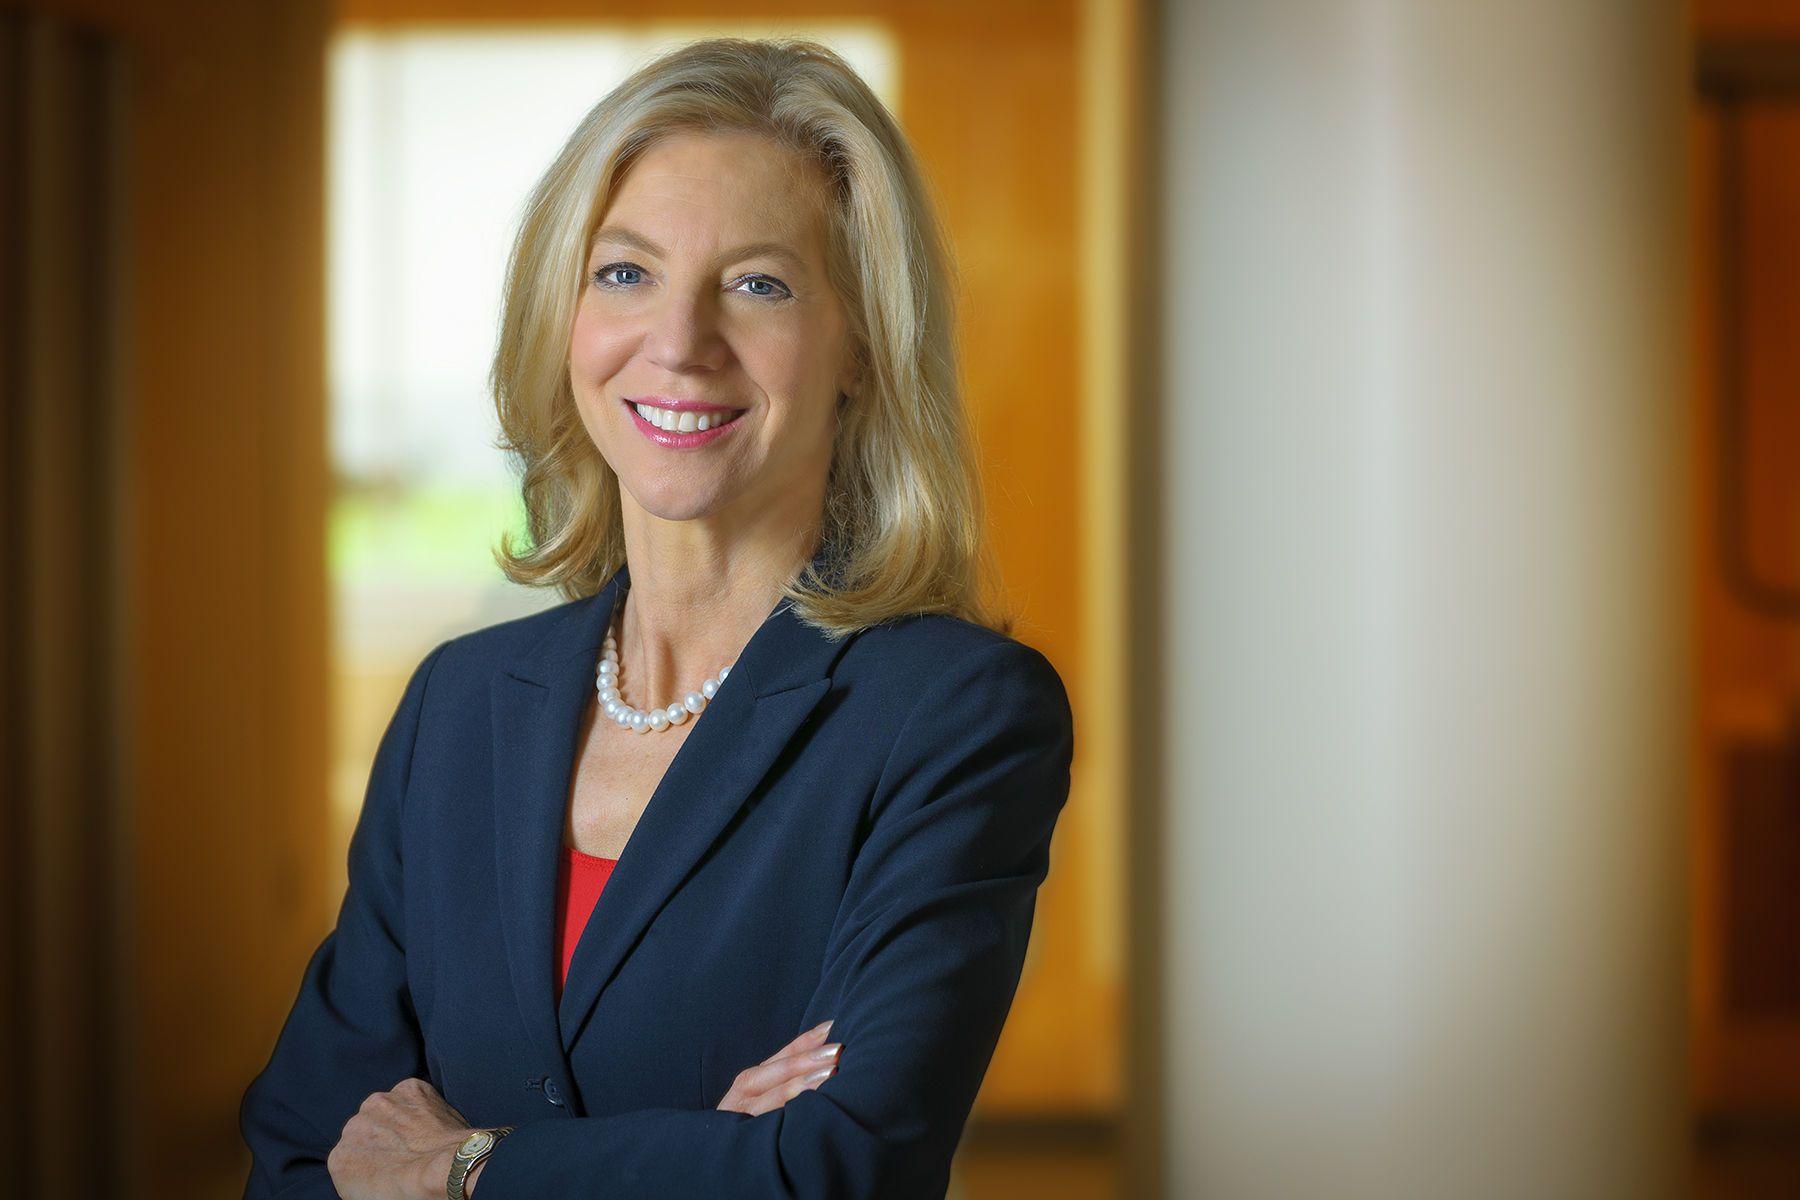 Dr. Amy Gutmann